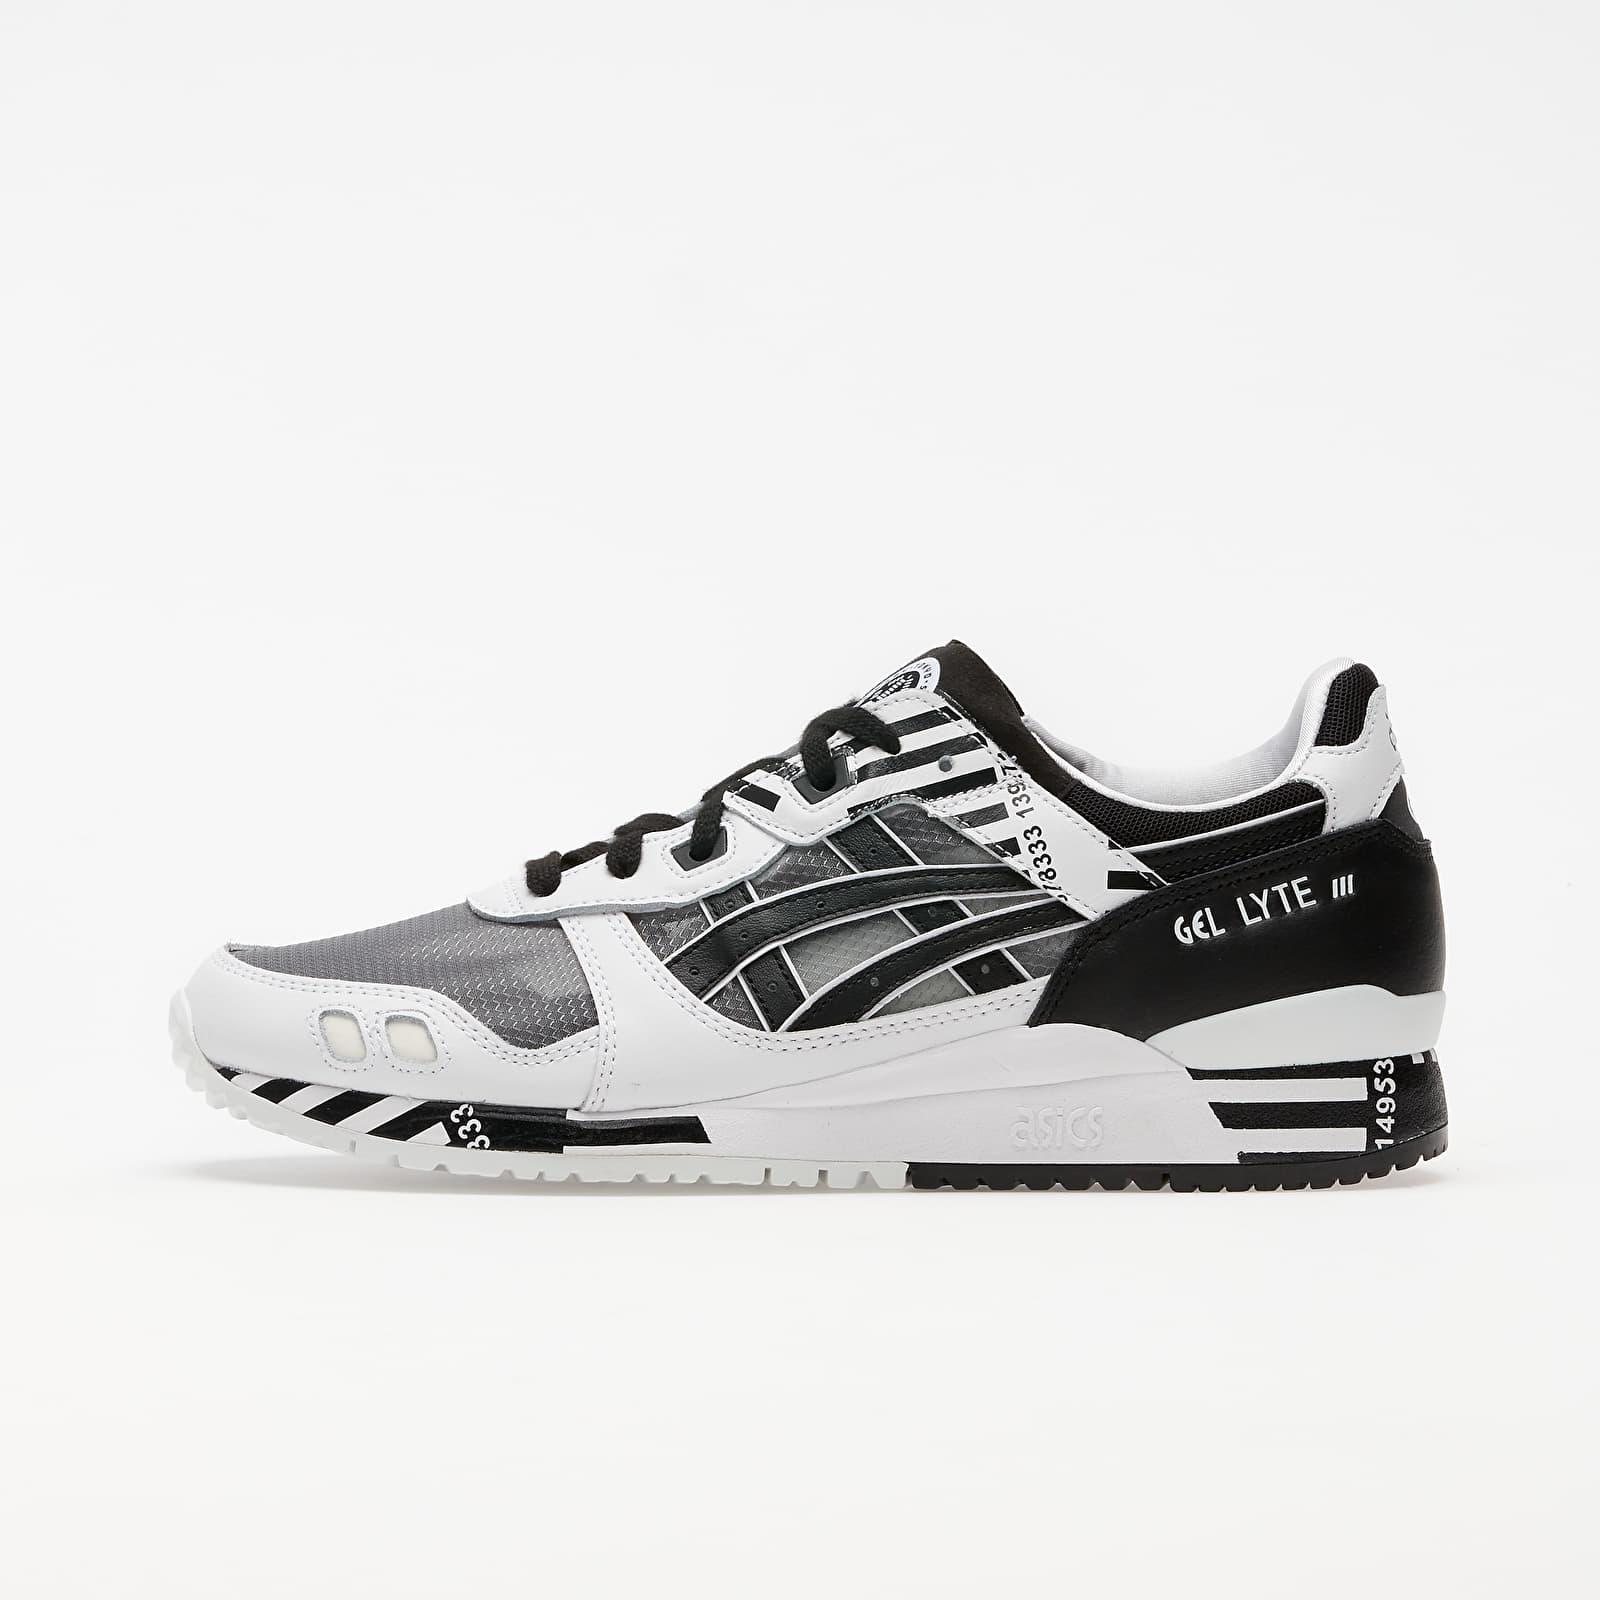 Men's shoes Asics Gel Lyte III OG MODERN TOKYO Black/ Black